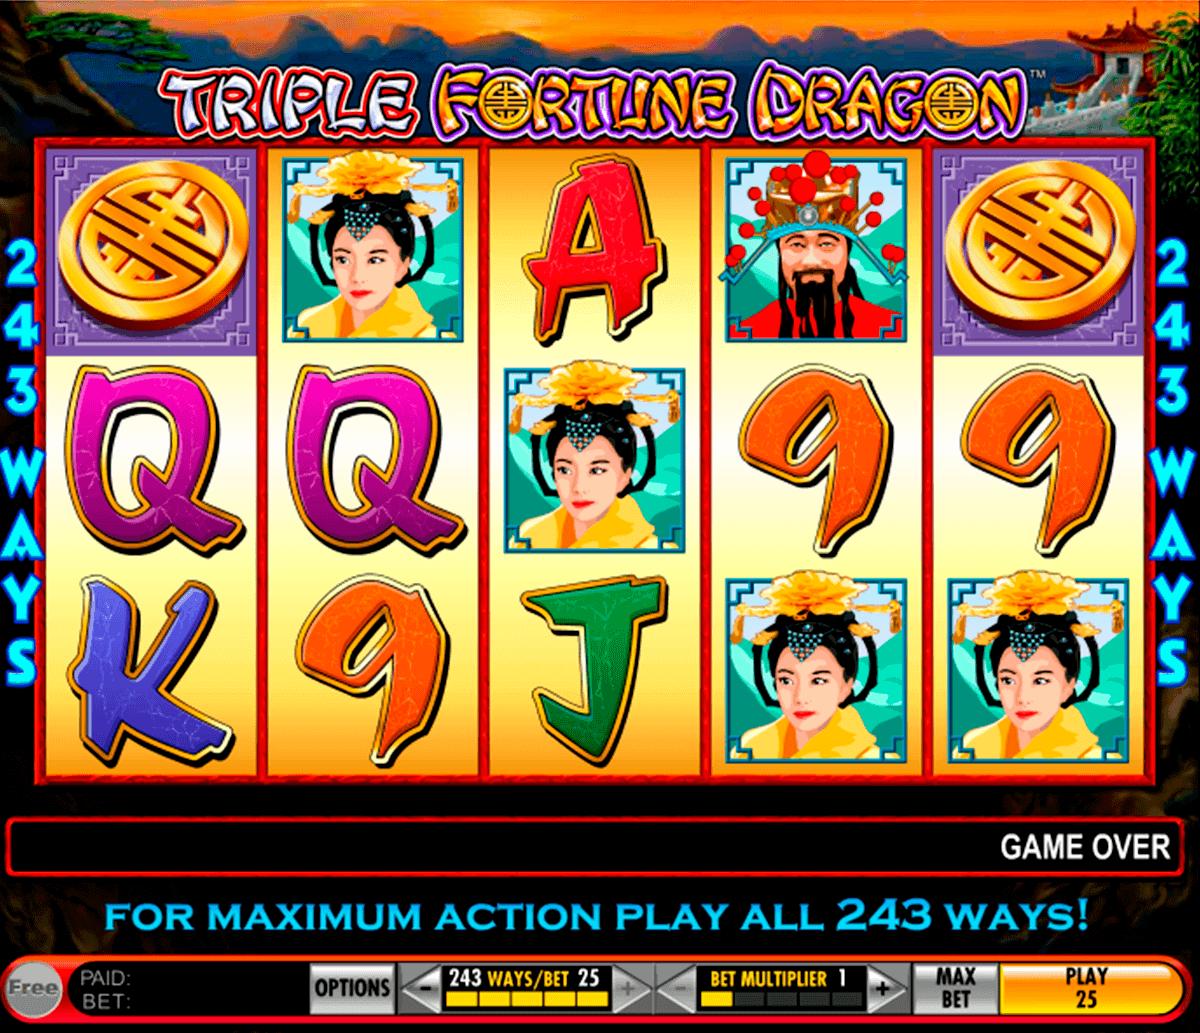 triple fortune dragon igt kolikkopelit